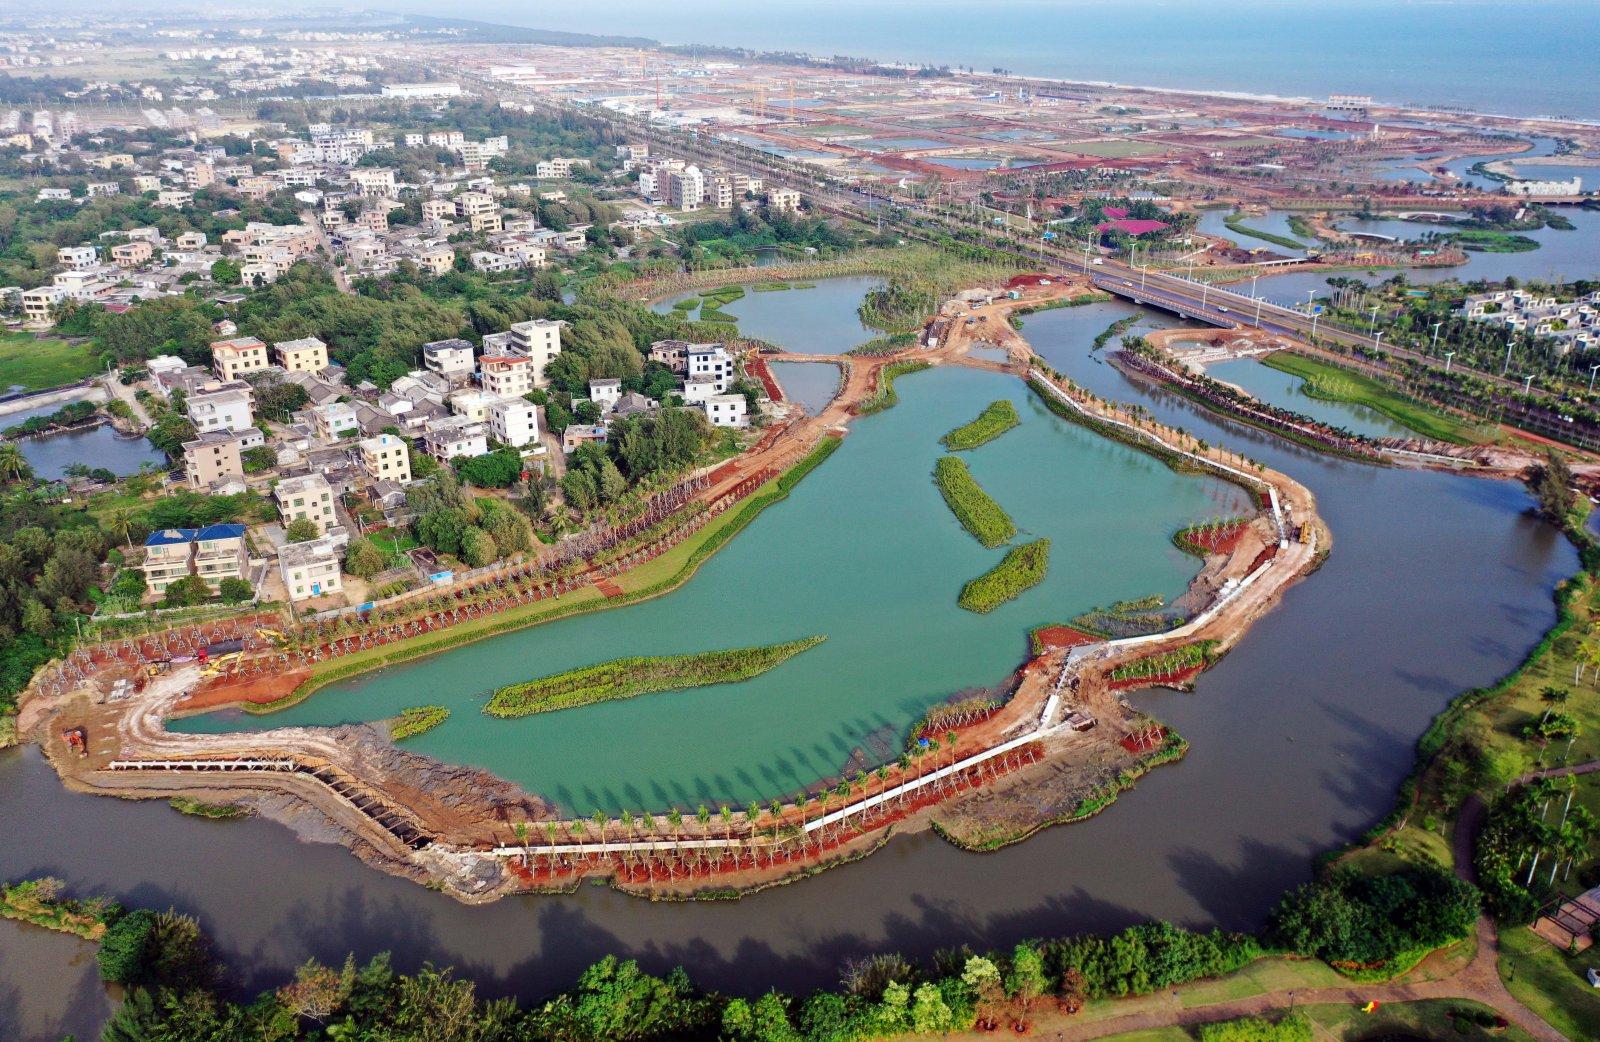 海口江東新區芙蓉河綜合治理工程(2020年11月6日攝,無人機照片)。新華社